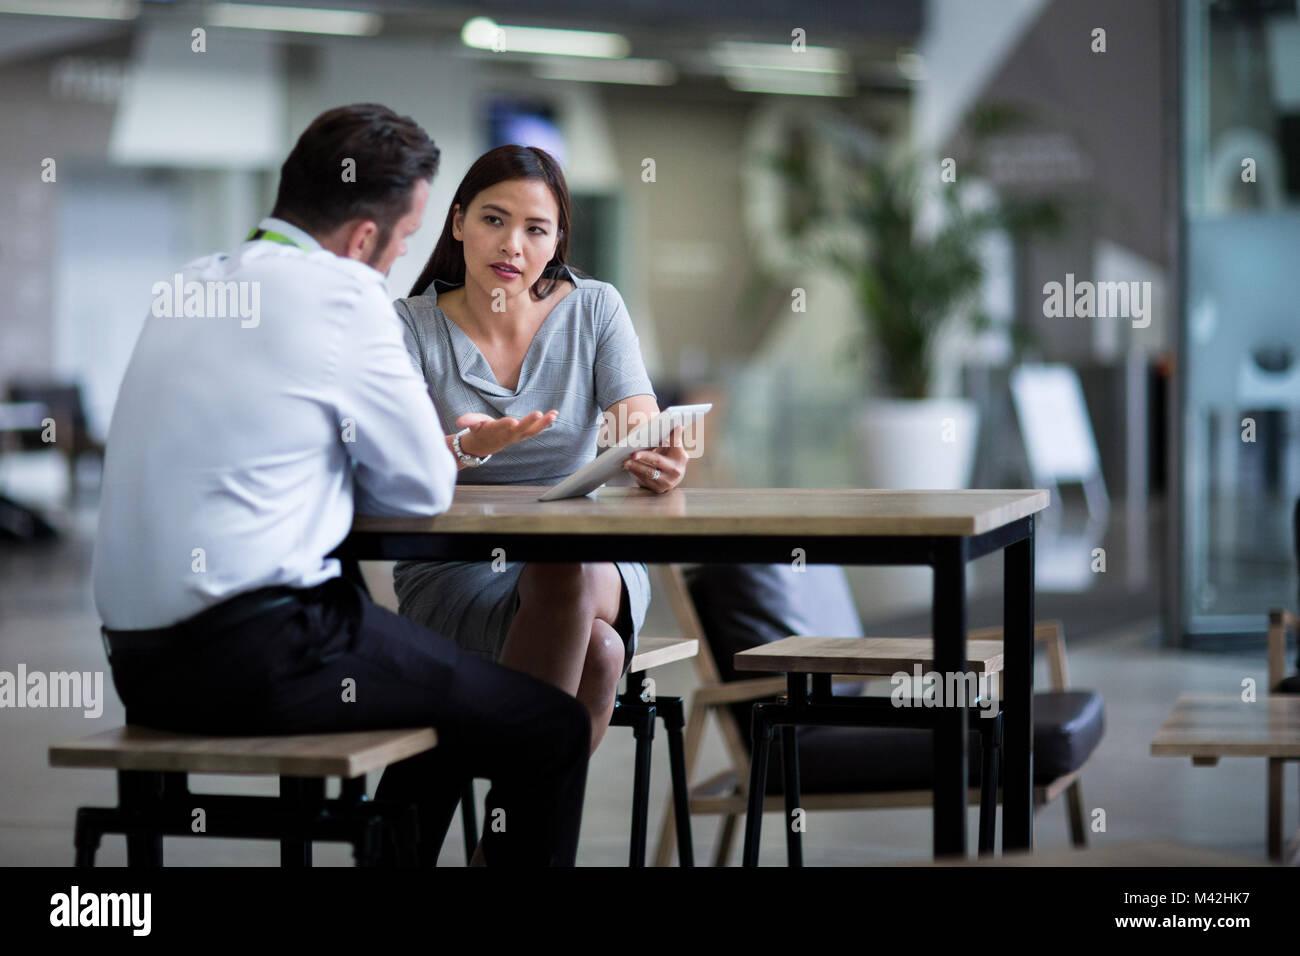 Businesswoman lors d'une réunion à l'aide d'une tablette numérique Photo Stock